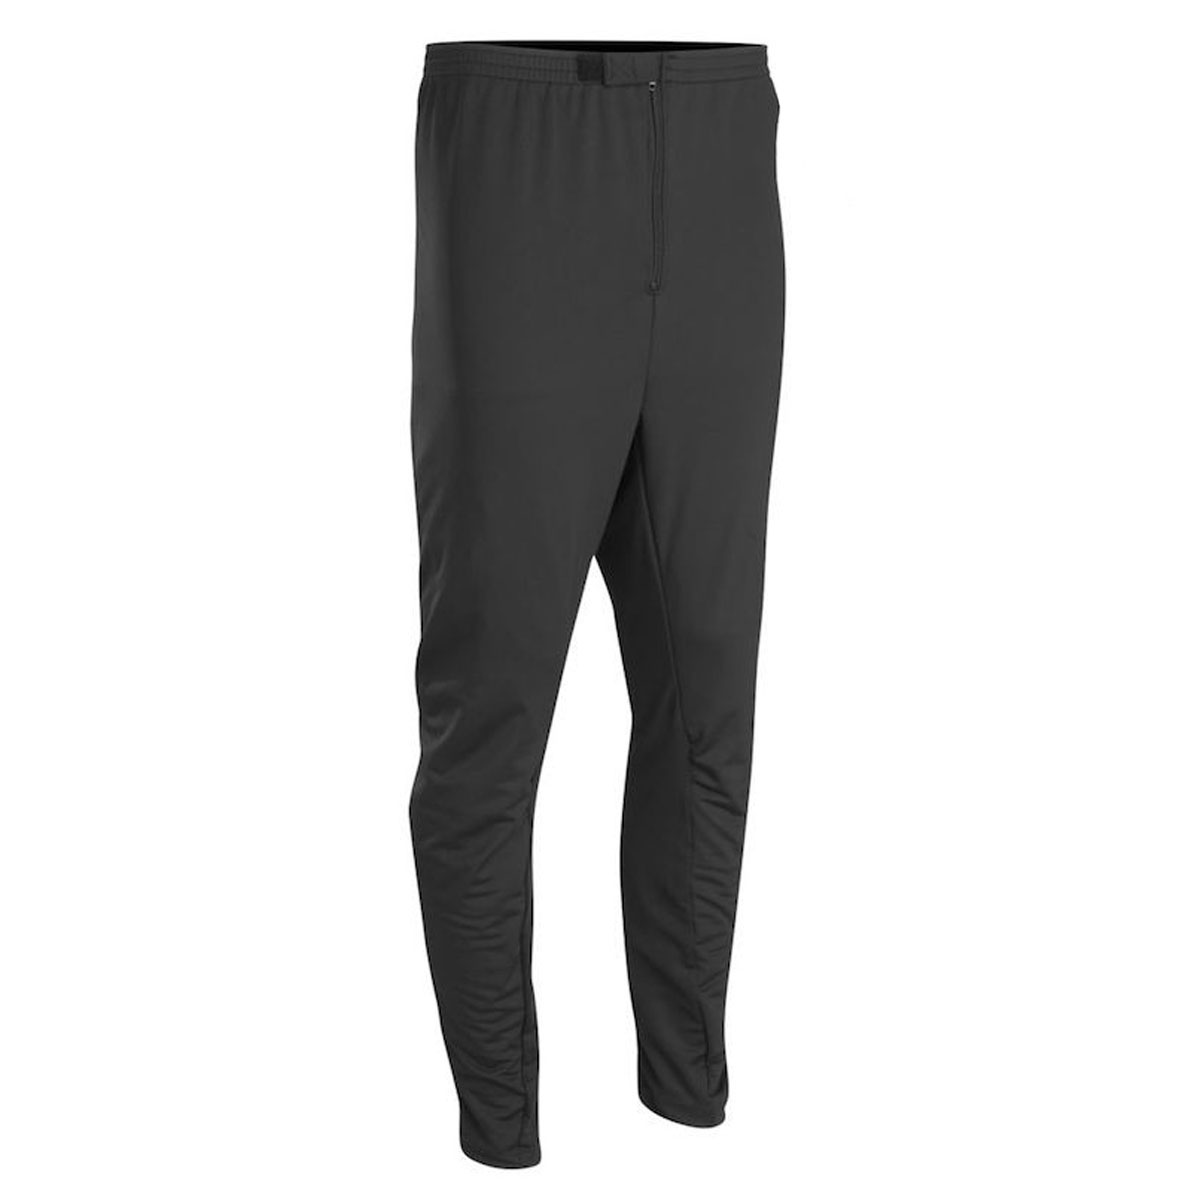 Firstgear Women's Heated Pants Liner